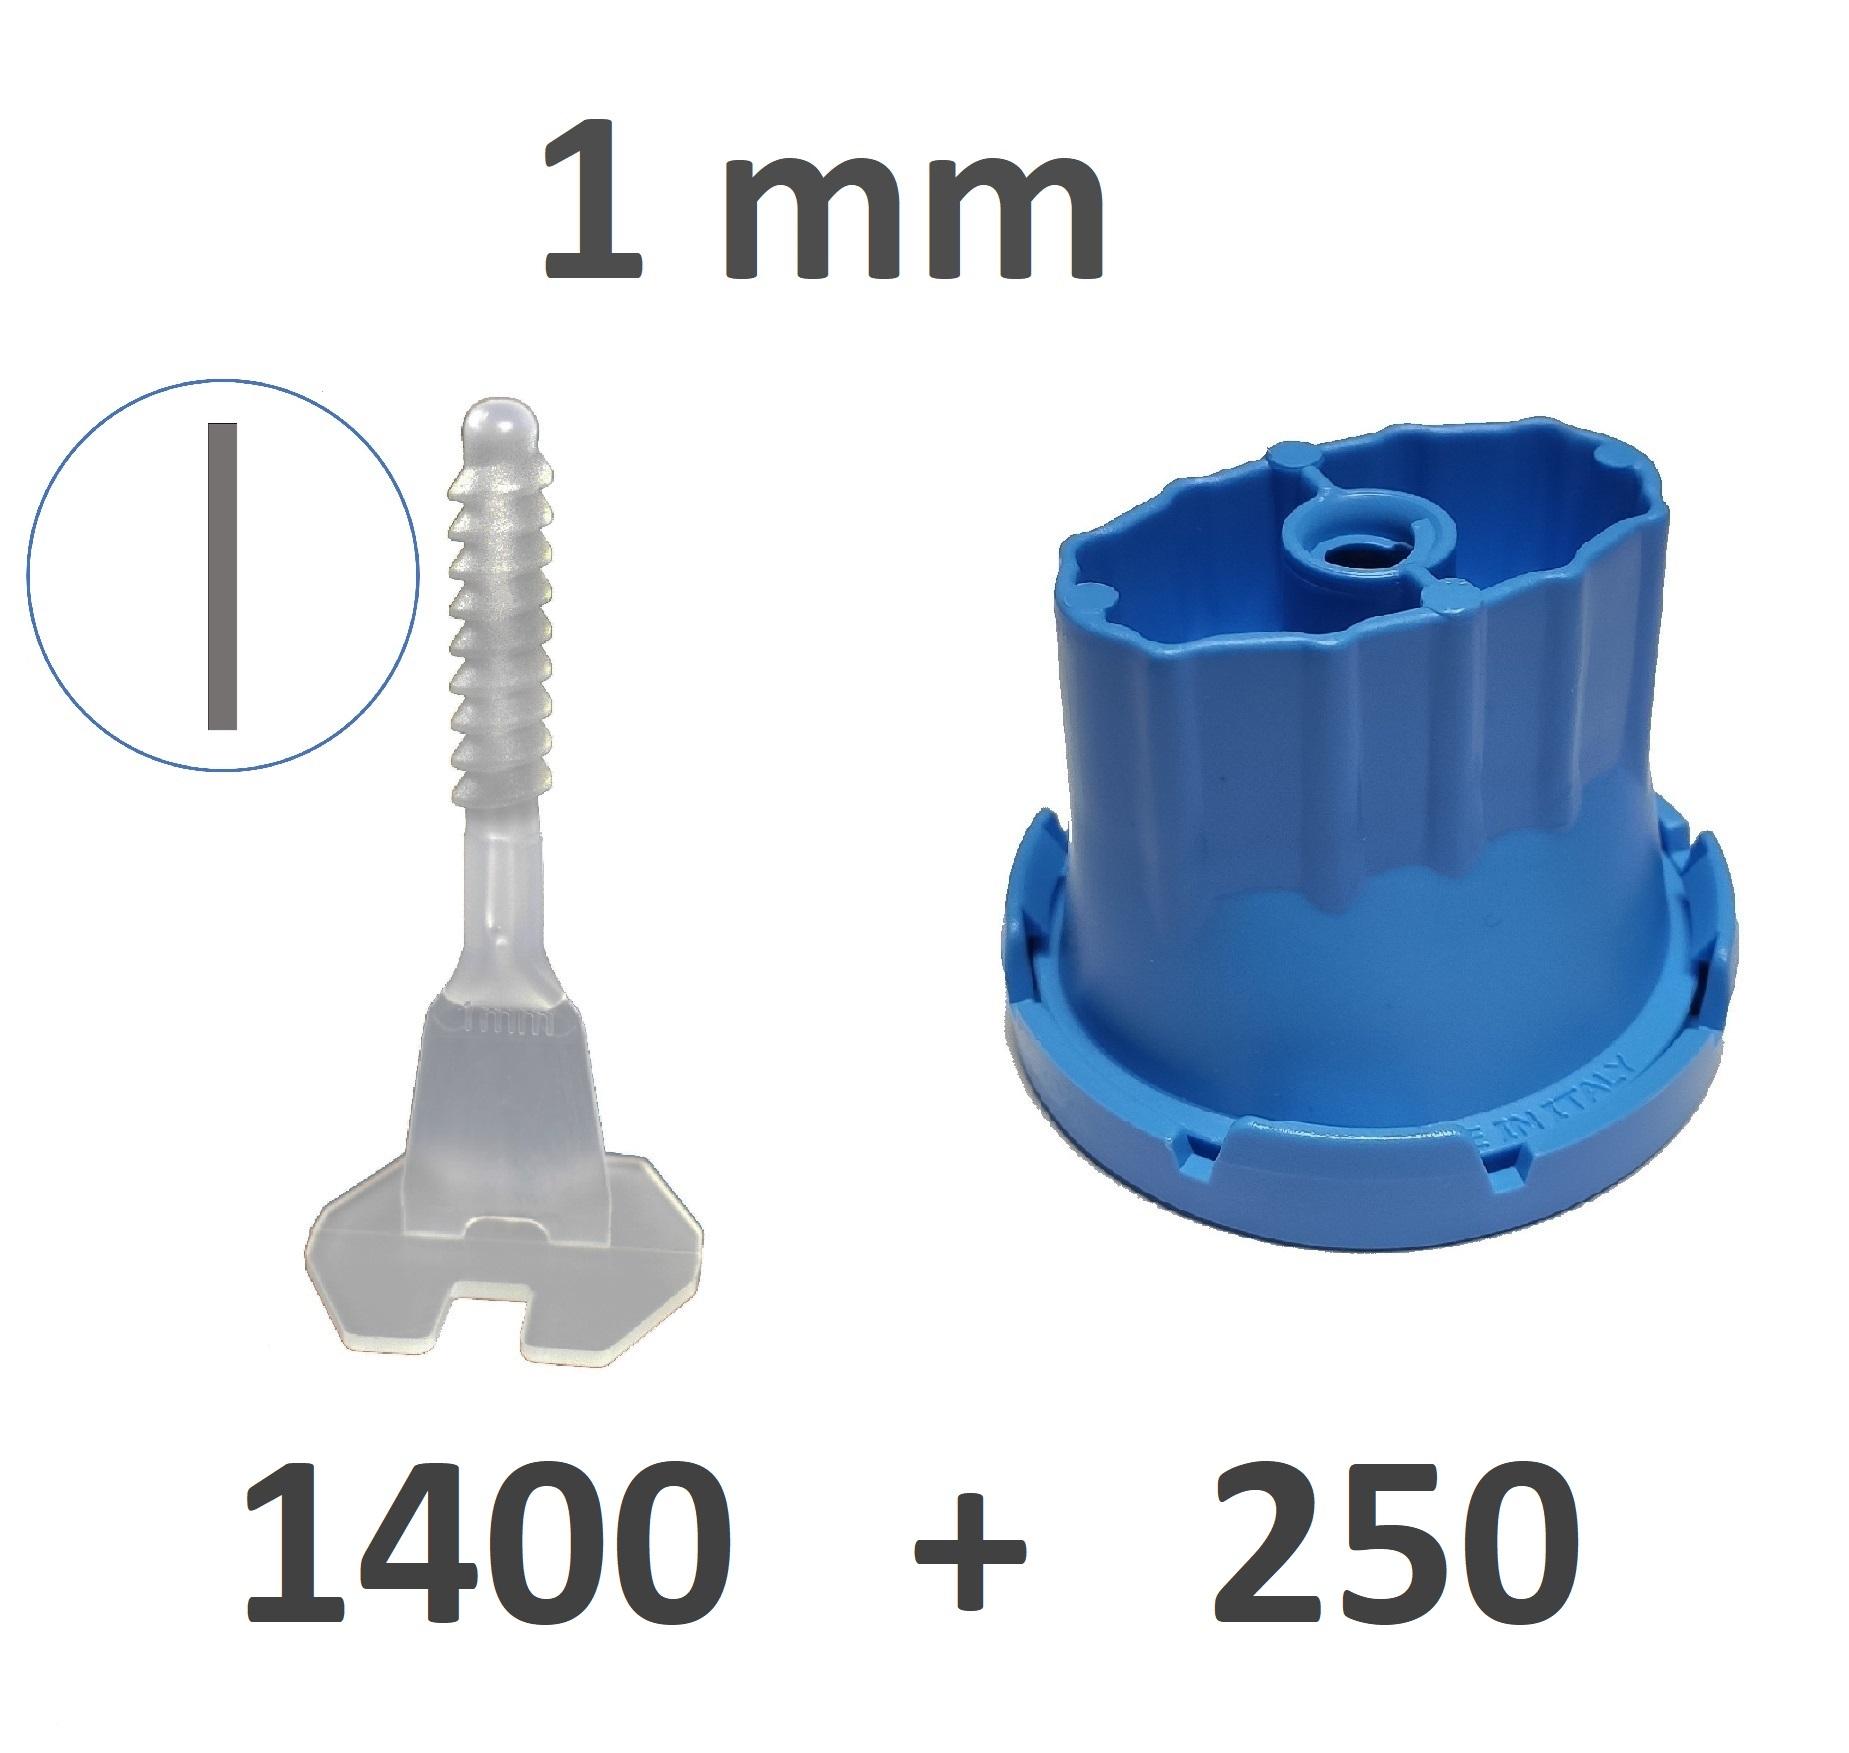 Kit 1mm avec nouveau sabots 1400_250